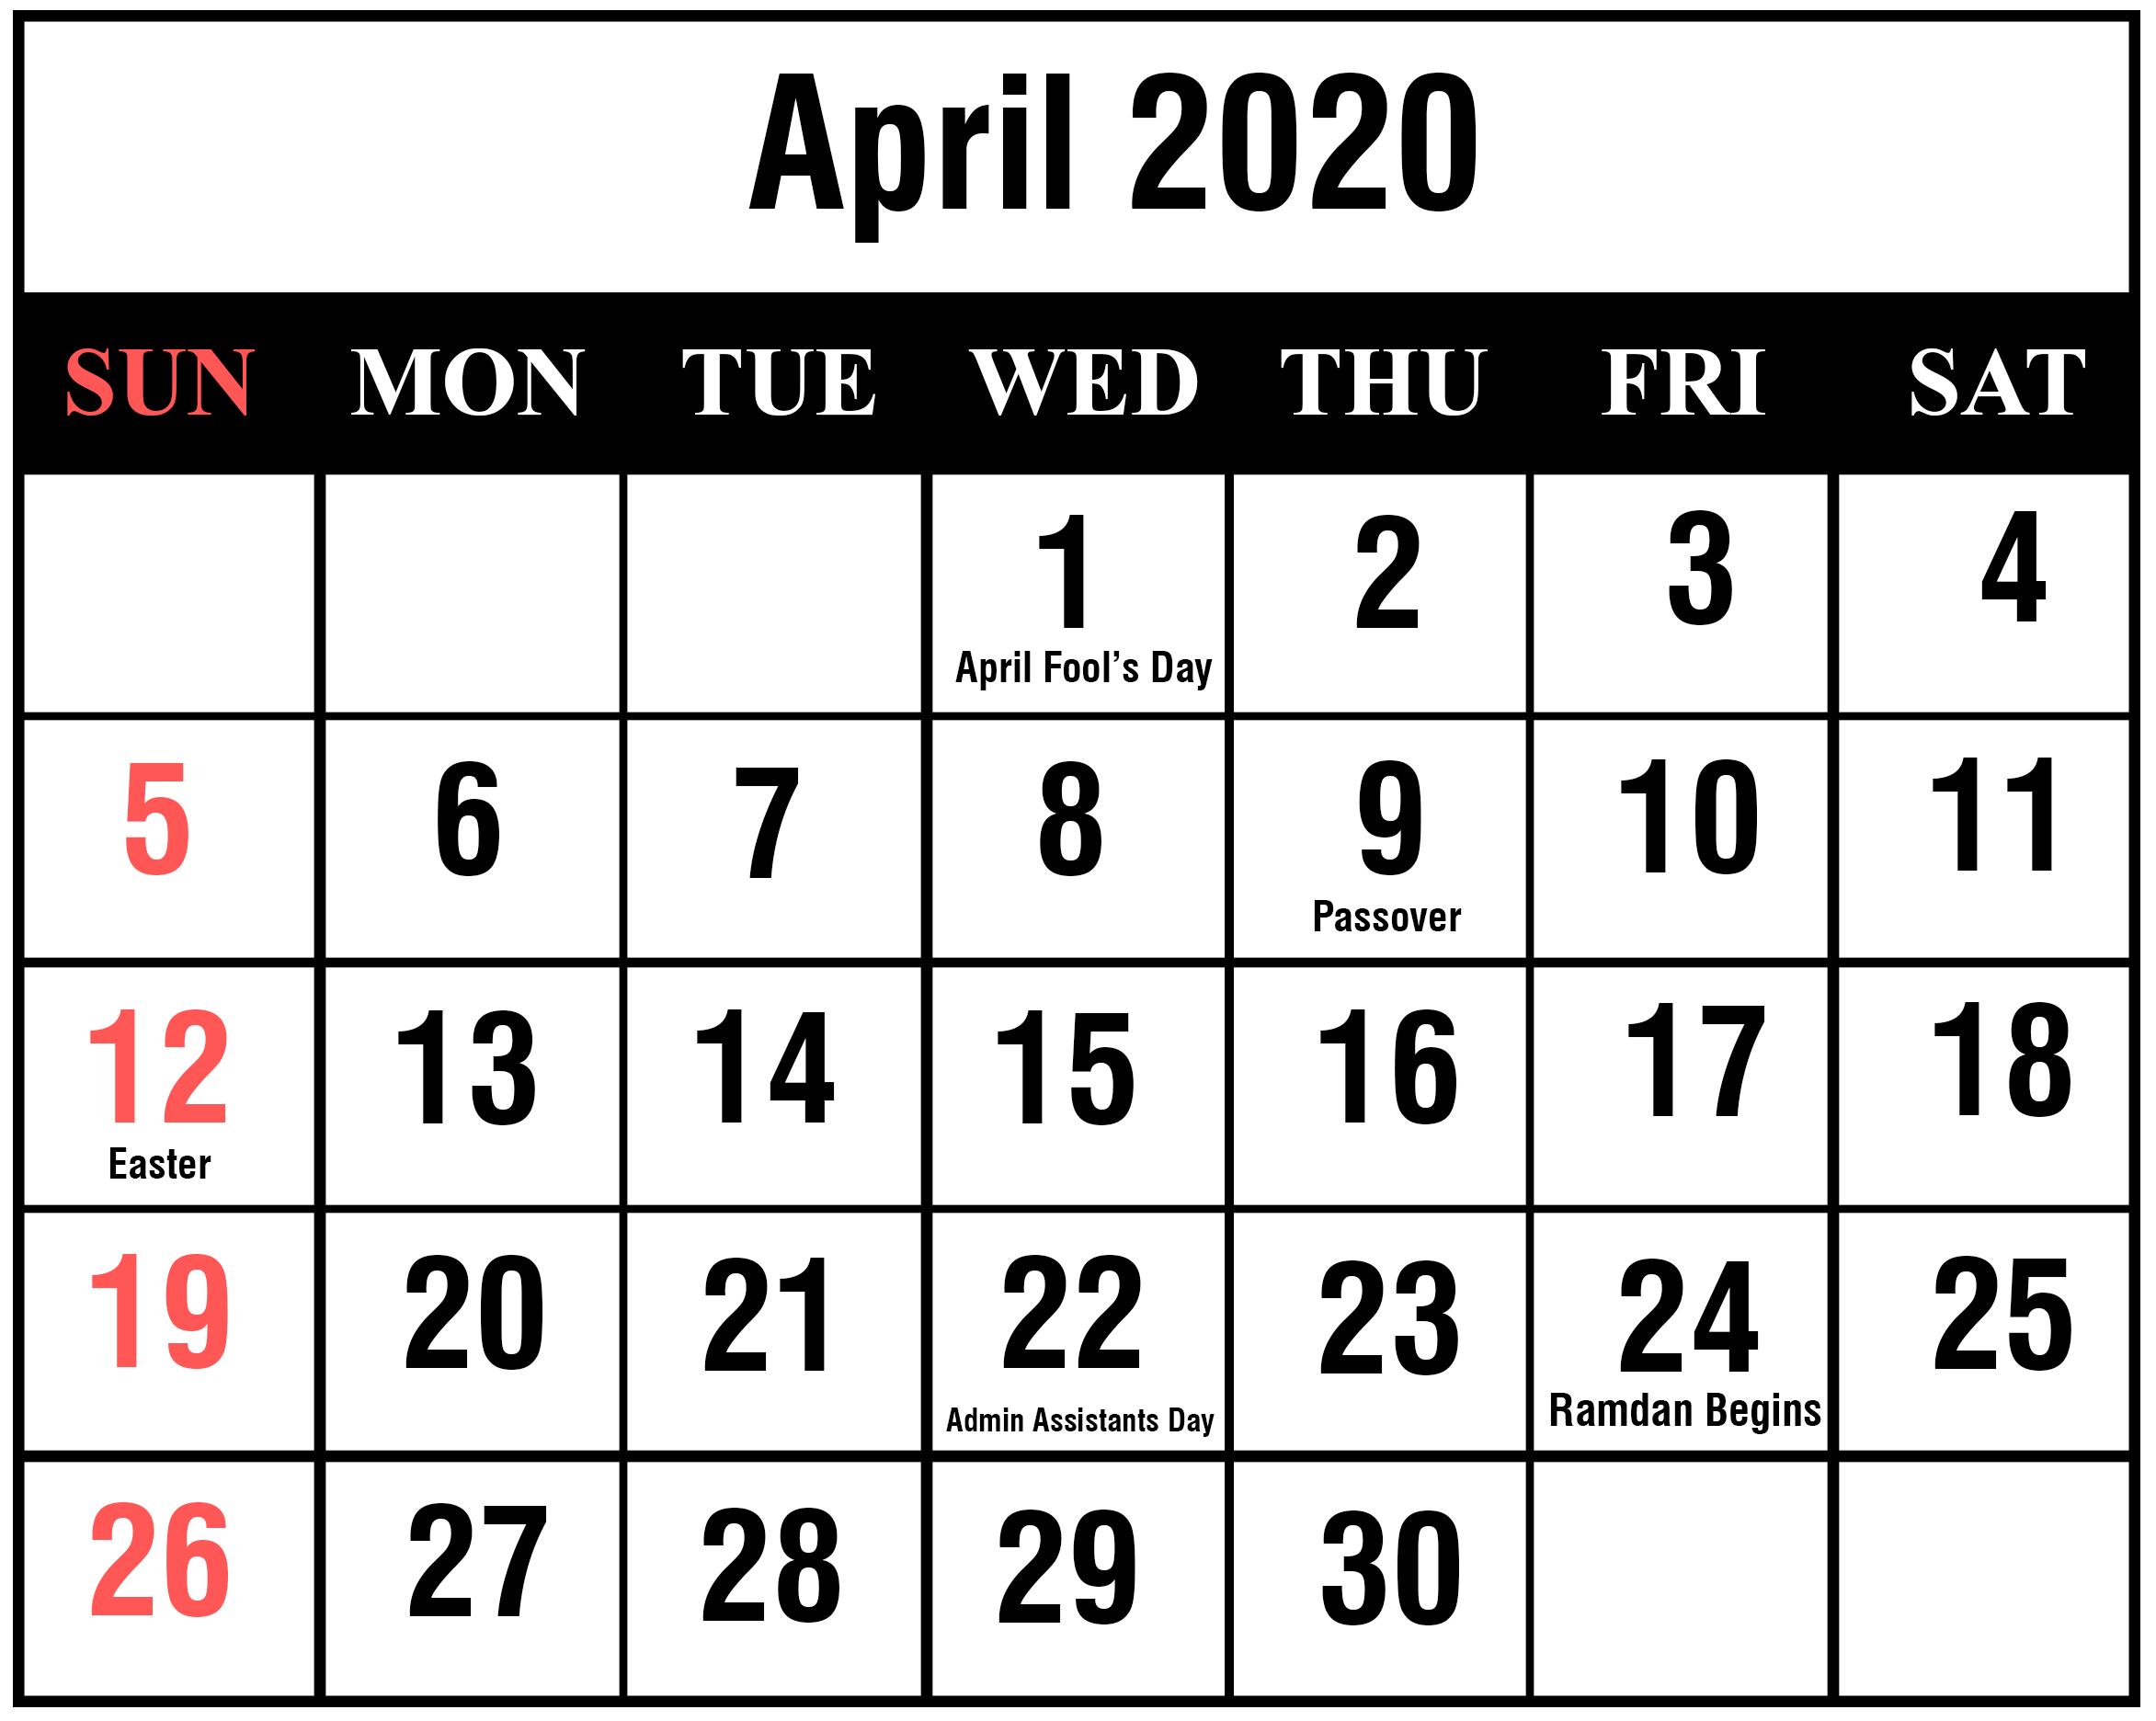 April 2020 Calendar Wallpapers Wallpaper Cave